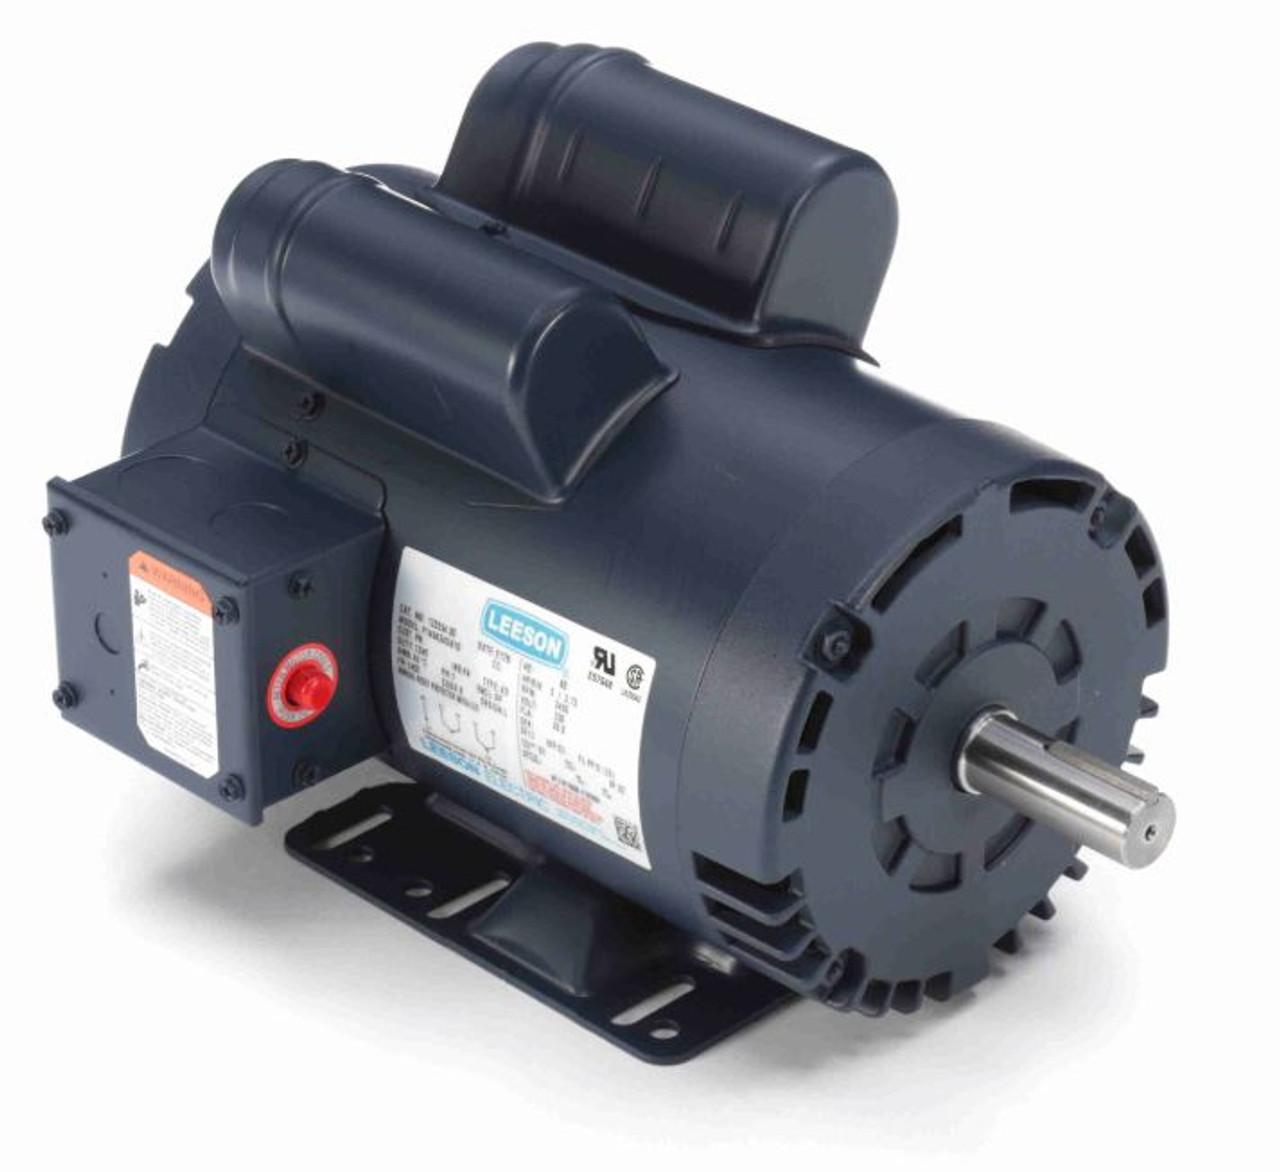 leeson motor capacitor wiring diagram trane series e centravac 5 hp 3450 rpm 145t 230v air compressor # 120554